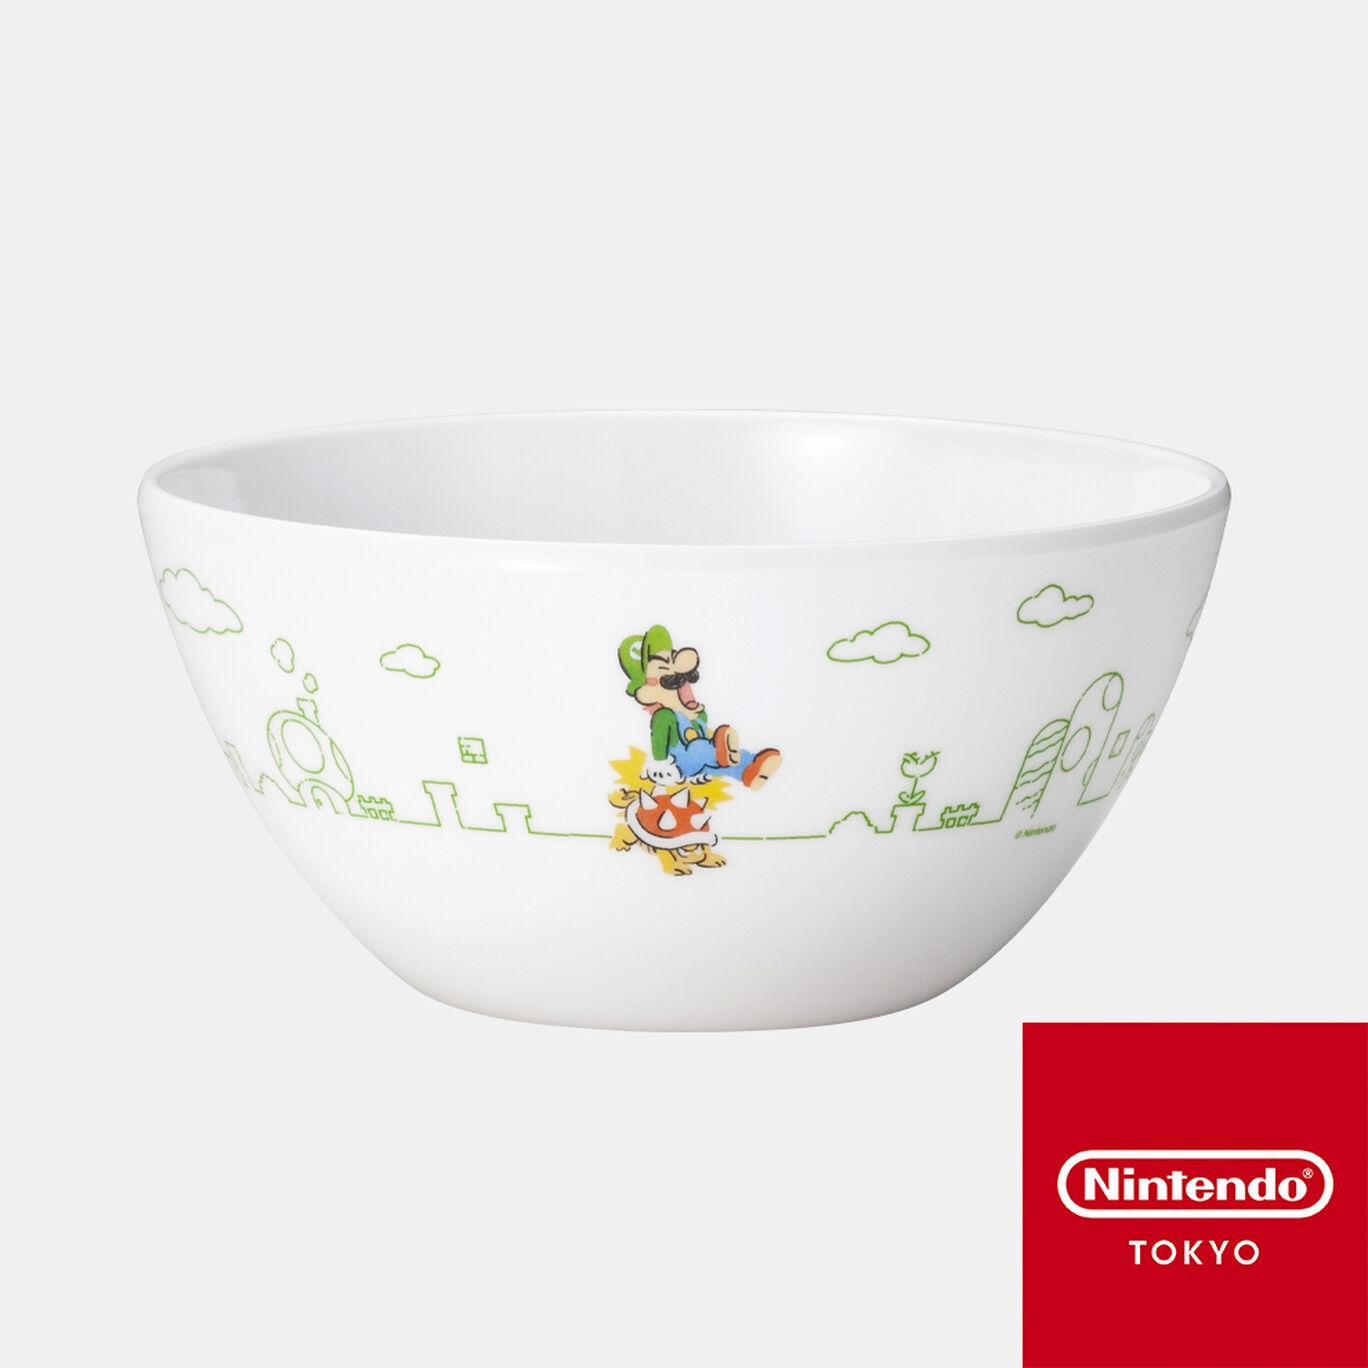 メラミンボウル スーパーマリオファミリーライフ ルイージ【Nintendo TOKYO取り扱い商品】